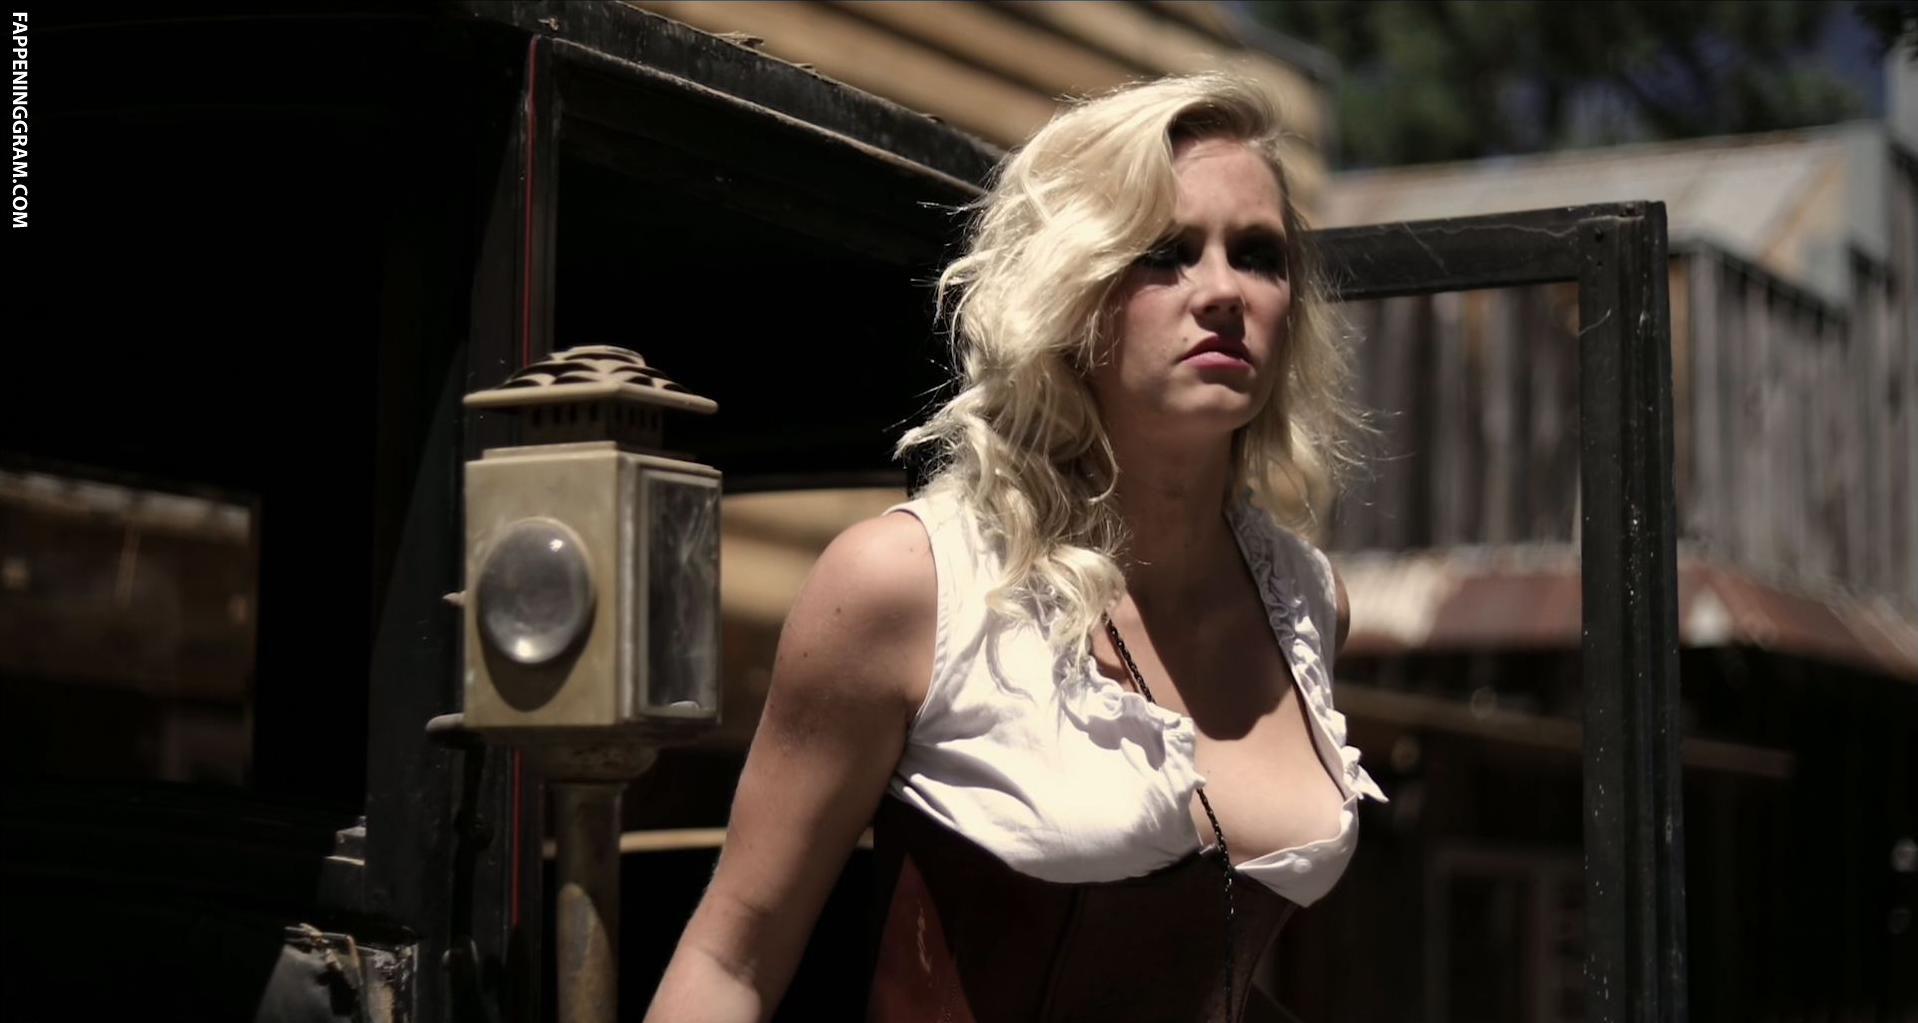 Danielle Driscoll Nude